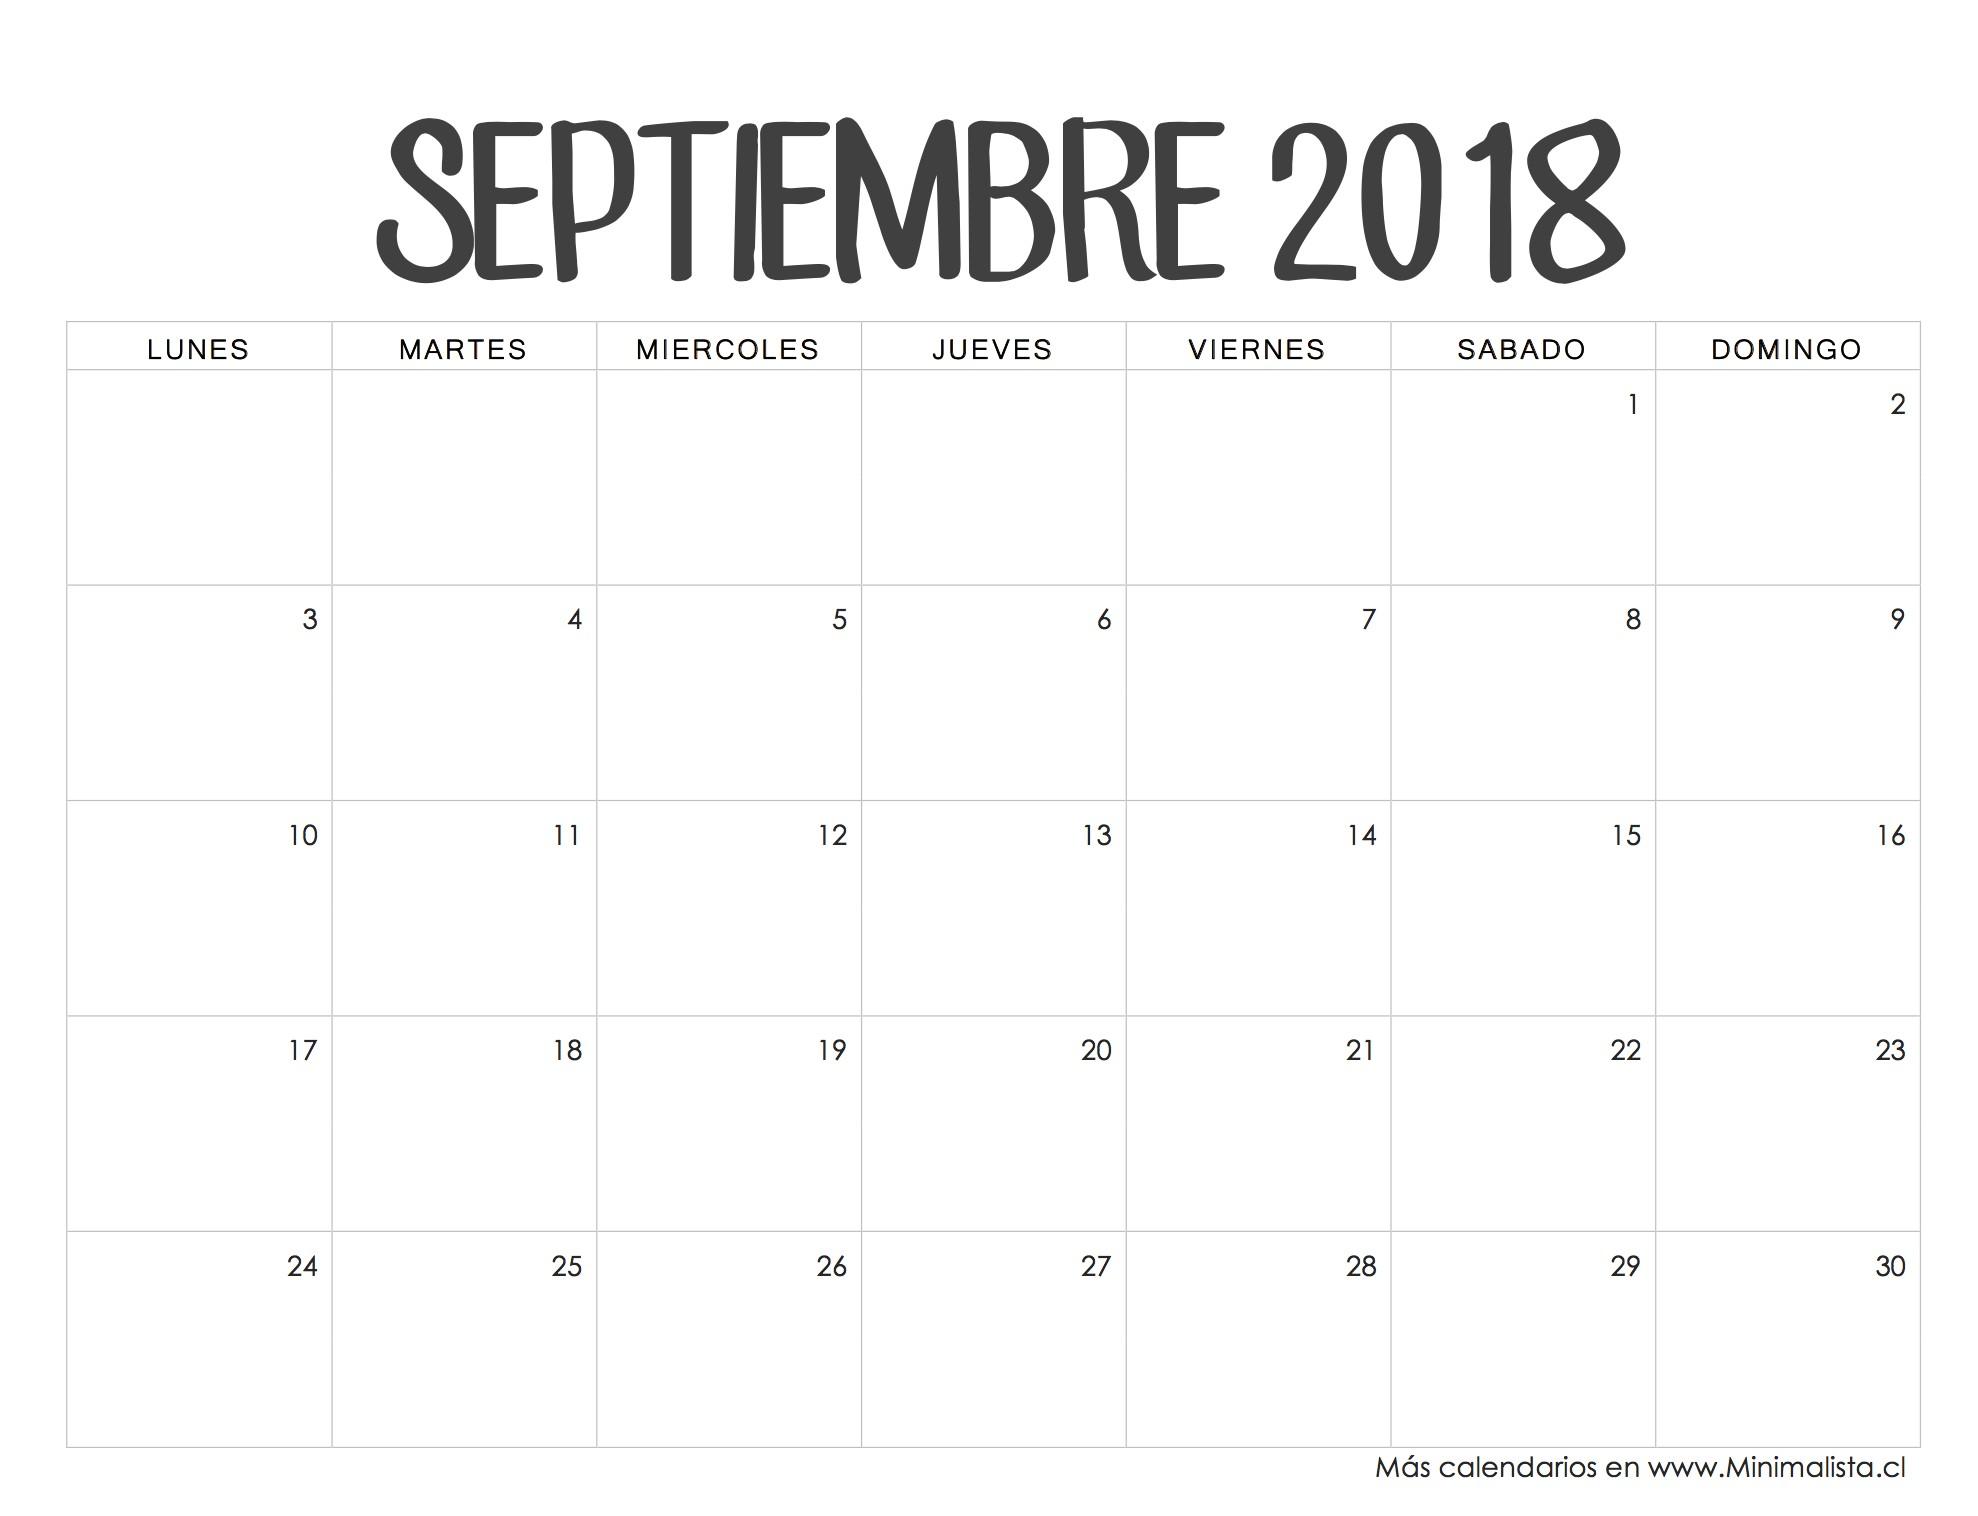 Calendario Colombiano 2019 Para Imprimir Mejores Y Más Novedosos Calendario Septiembre 2018 Creativity Pinterest Of Calendario Colombiano 2019 Para Imprimir Mejores Y Más Novedosos Programas Y Proyectos De Inversi³n En Ejecuci³n